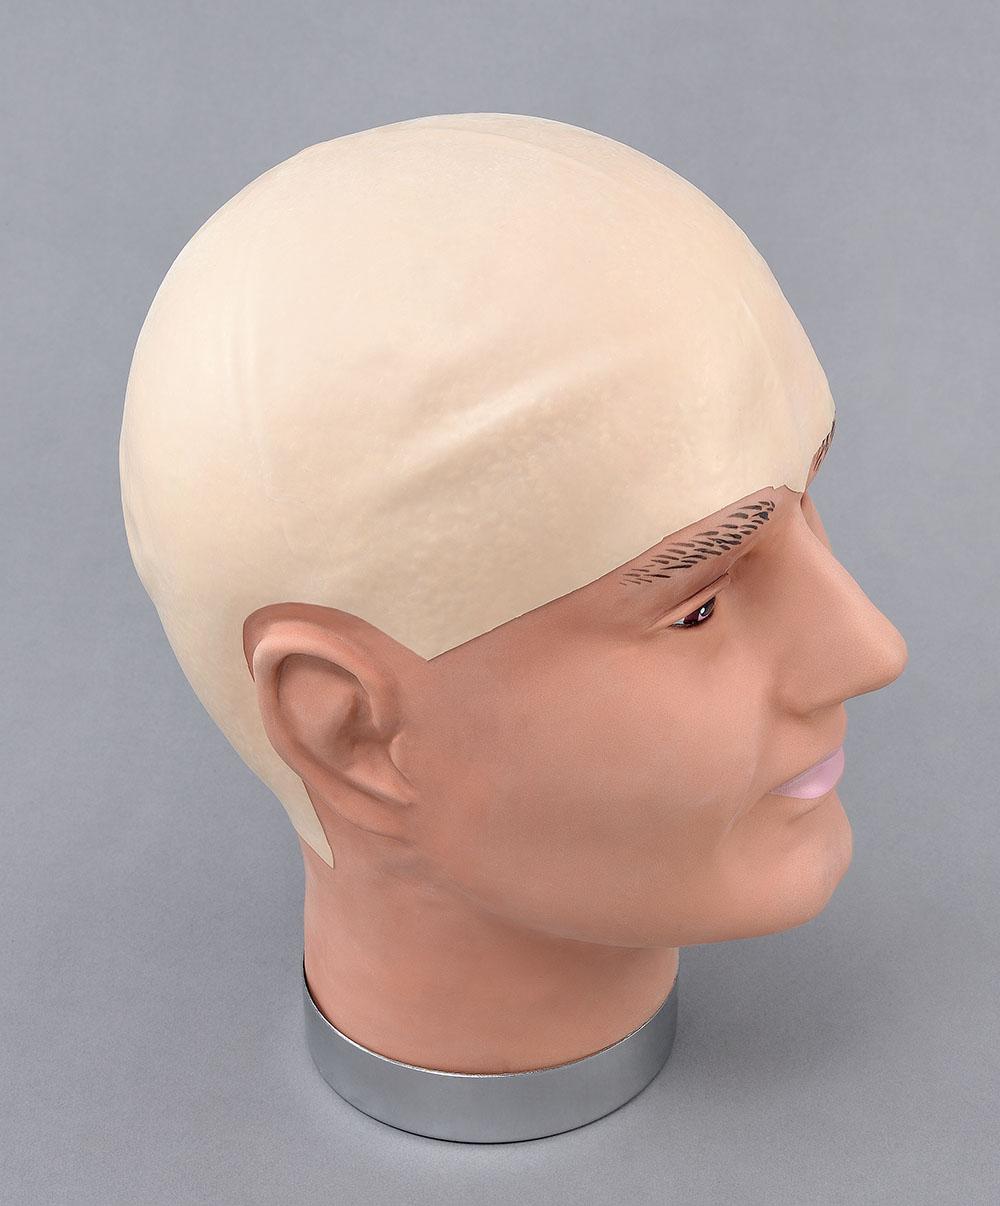 bald_head_cap